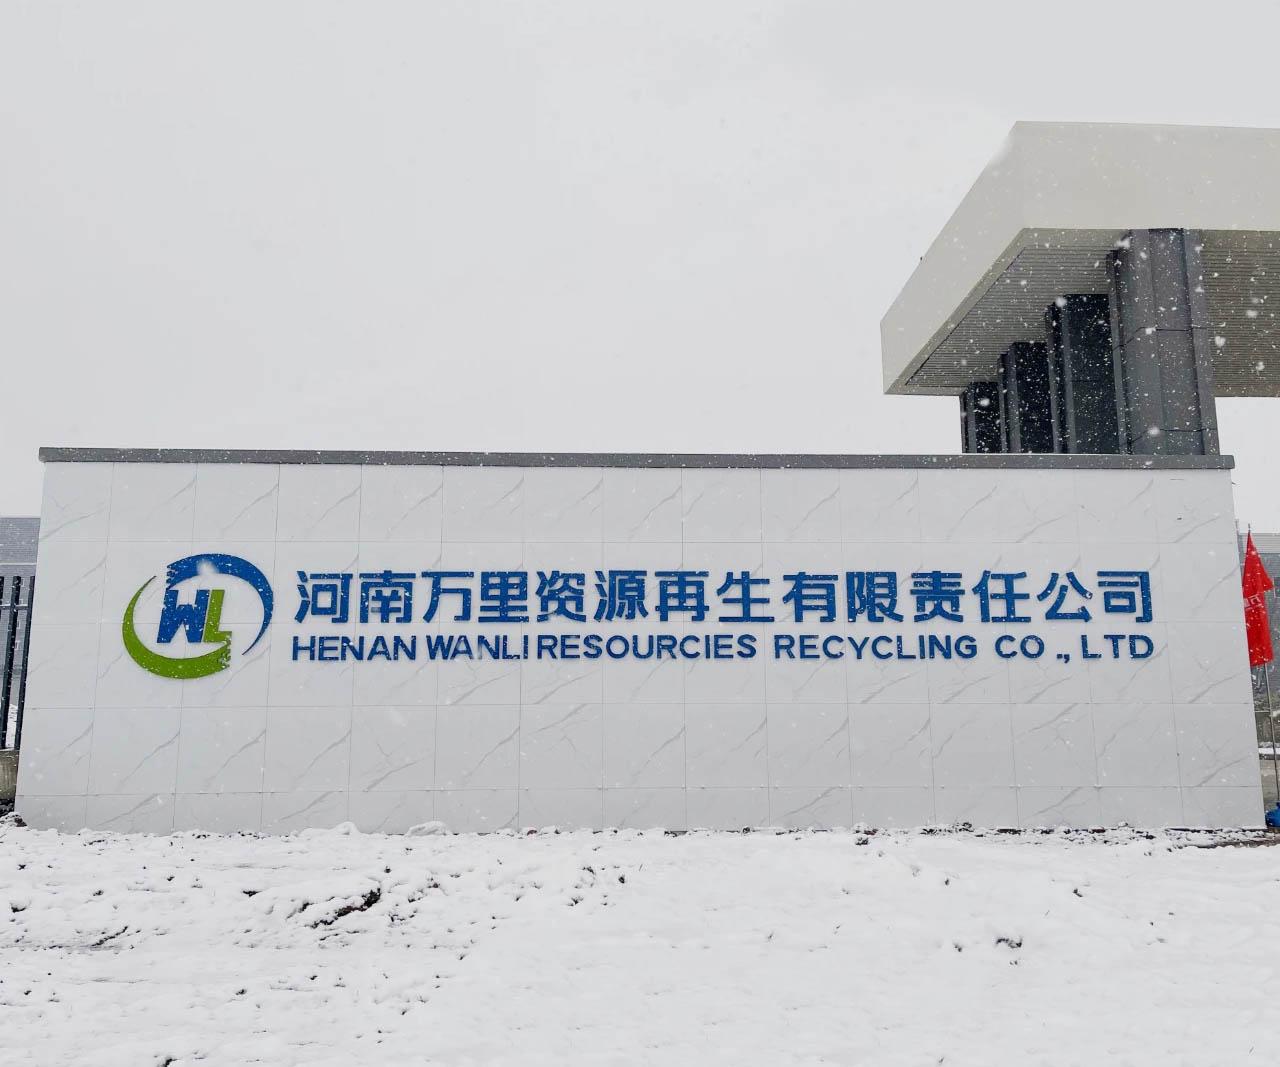 河南万里资源再生有限公司